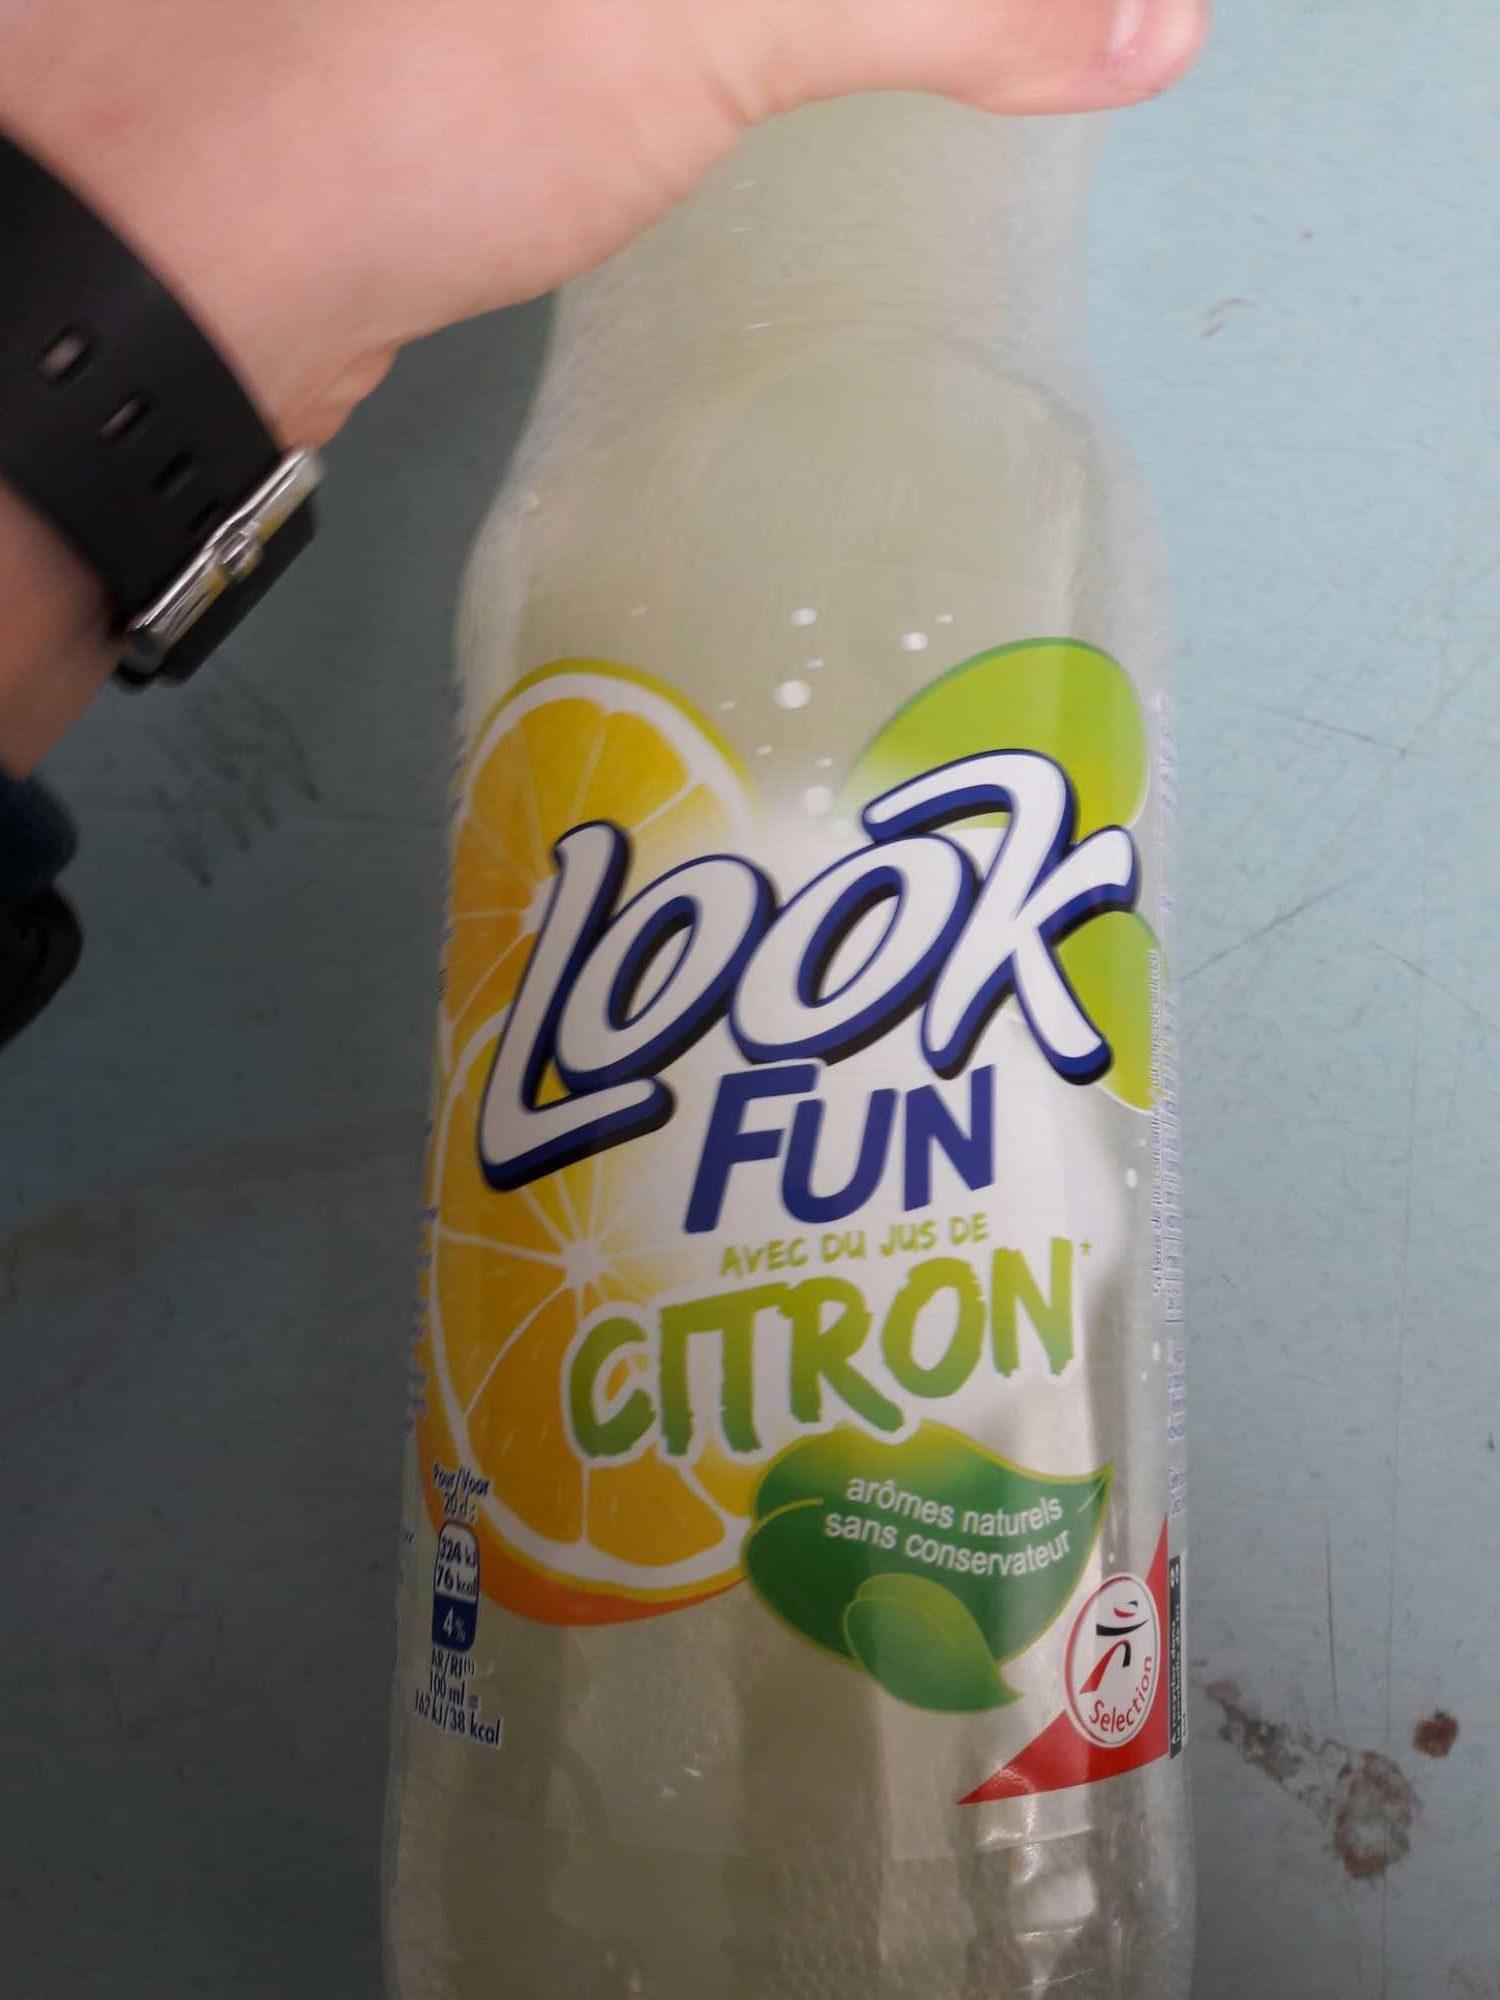 Look fun avec jus de citron - Produit - fr